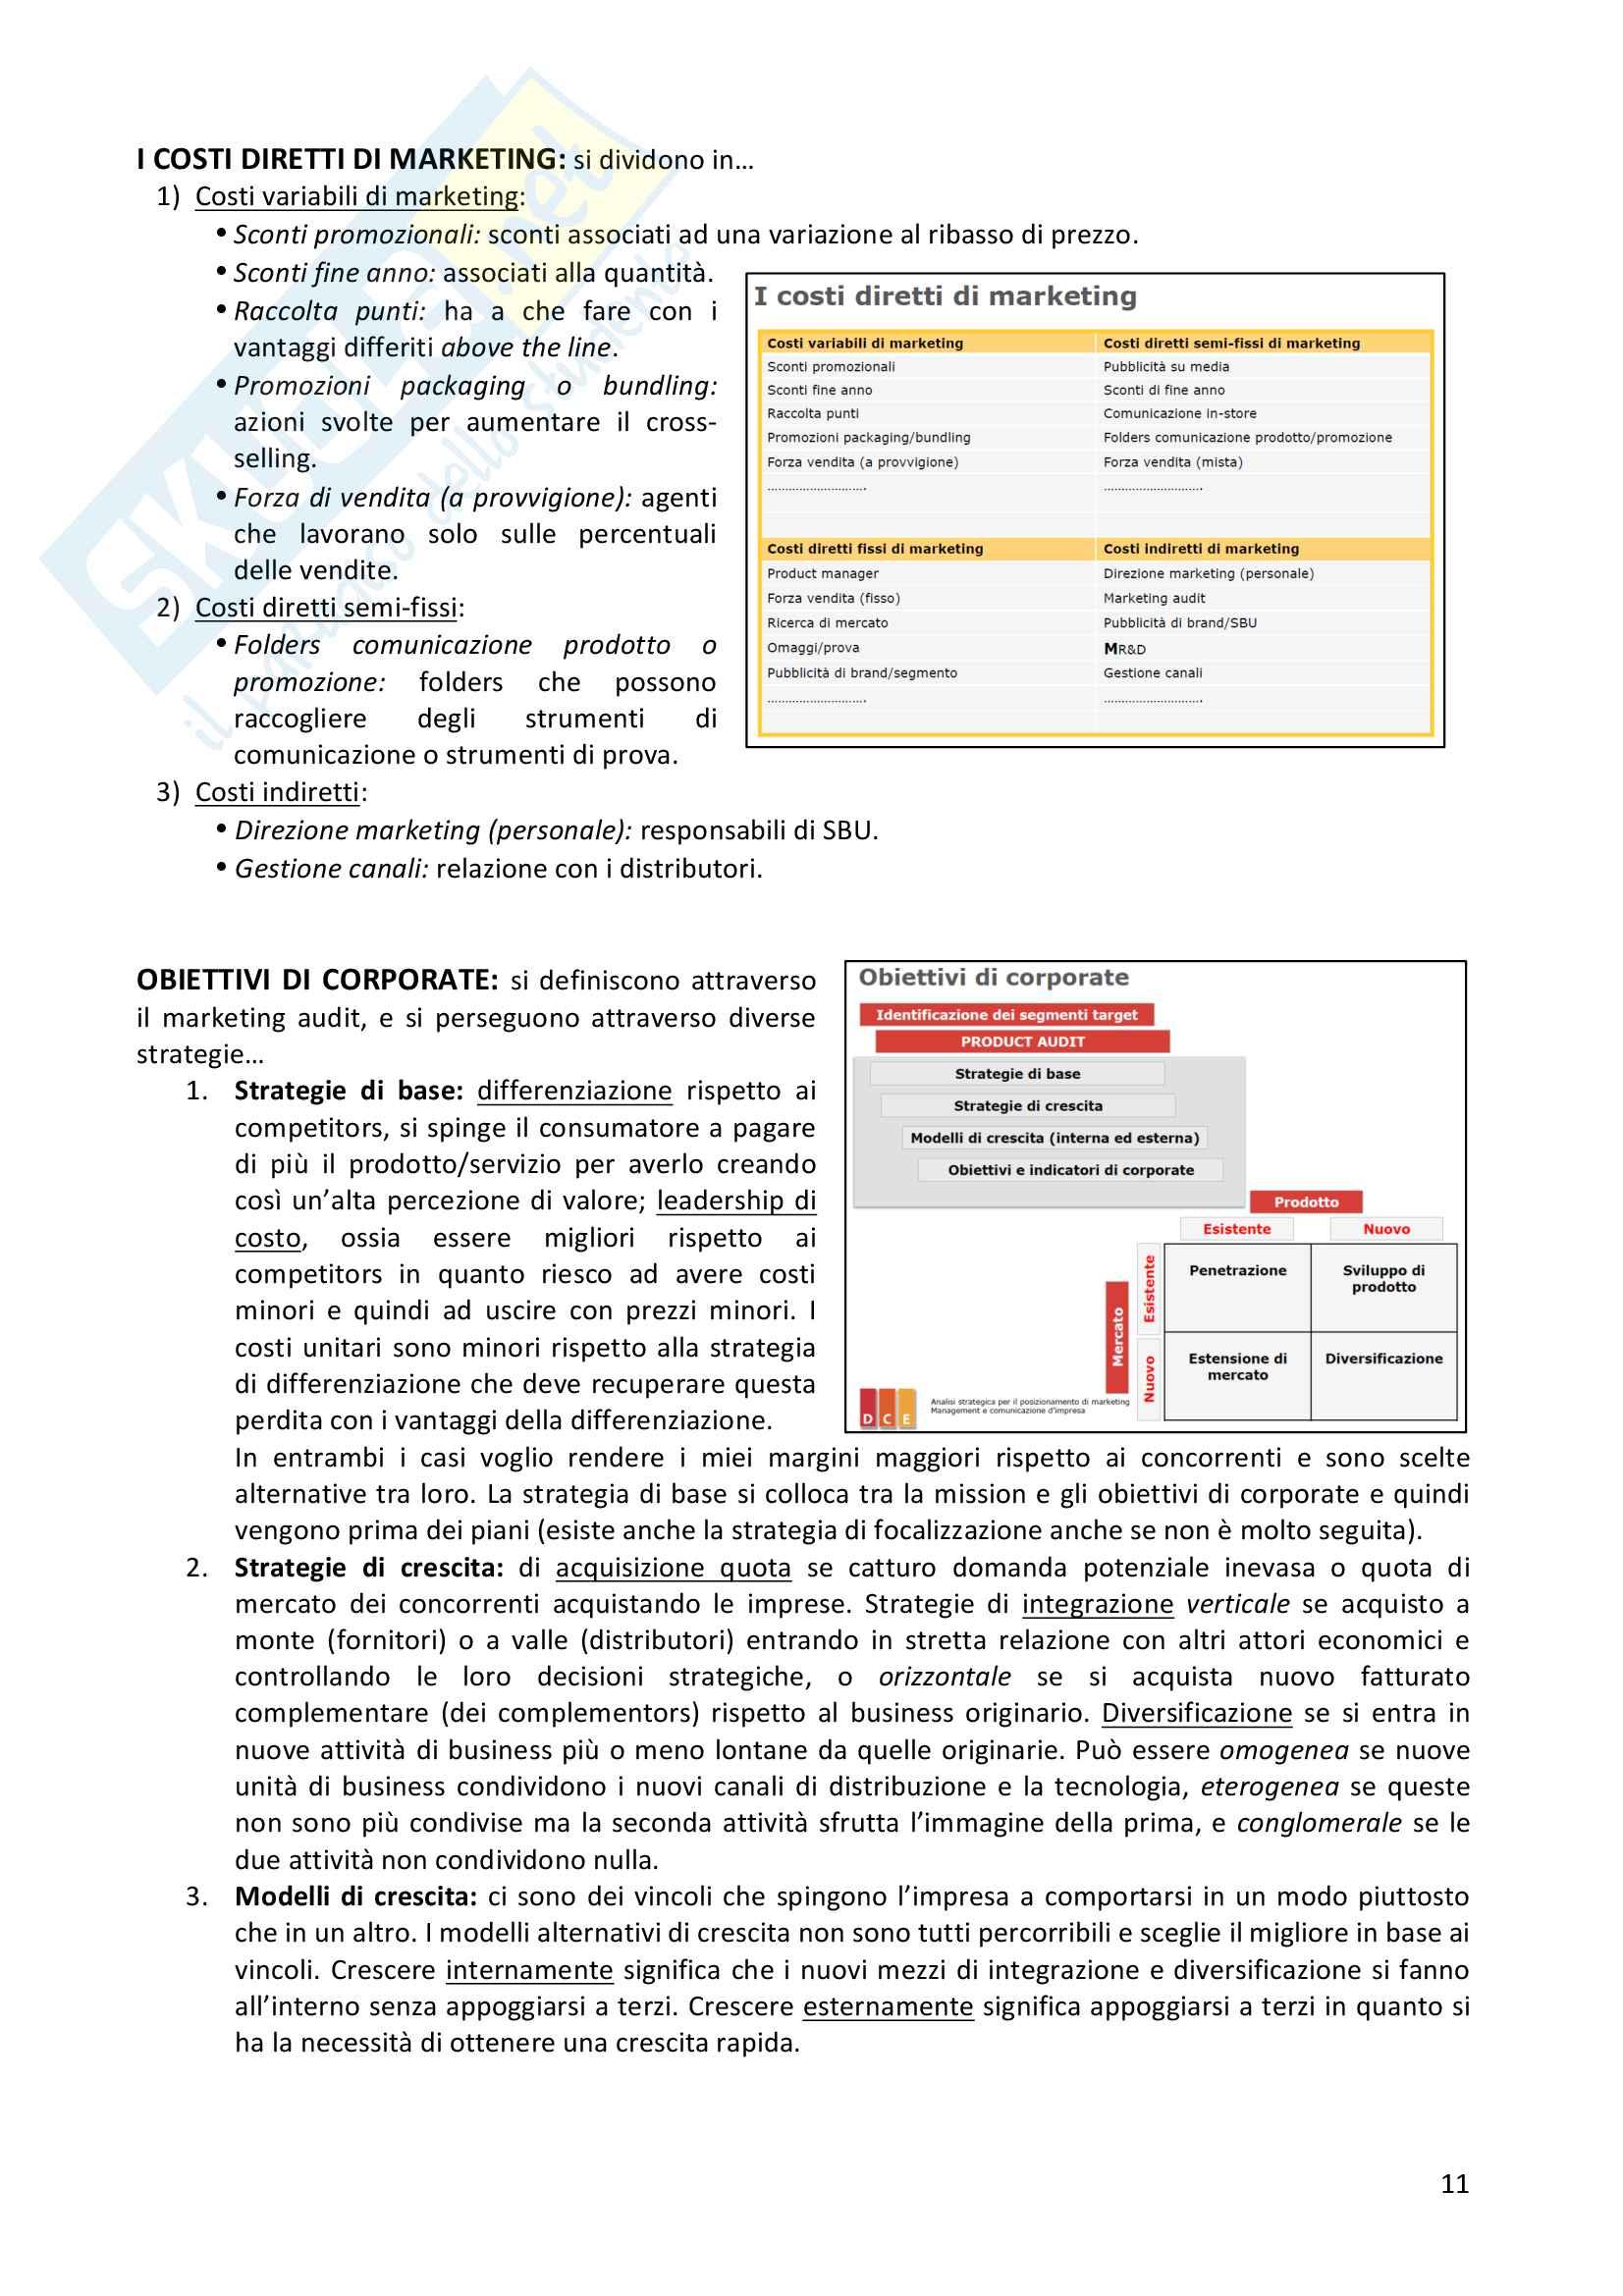 Riassunto esame Analisi strategica per il posizionamento di marketing, docente Galli, libro consigliato Marketing plans, McDonald M. & Wilson H. Pag. 11